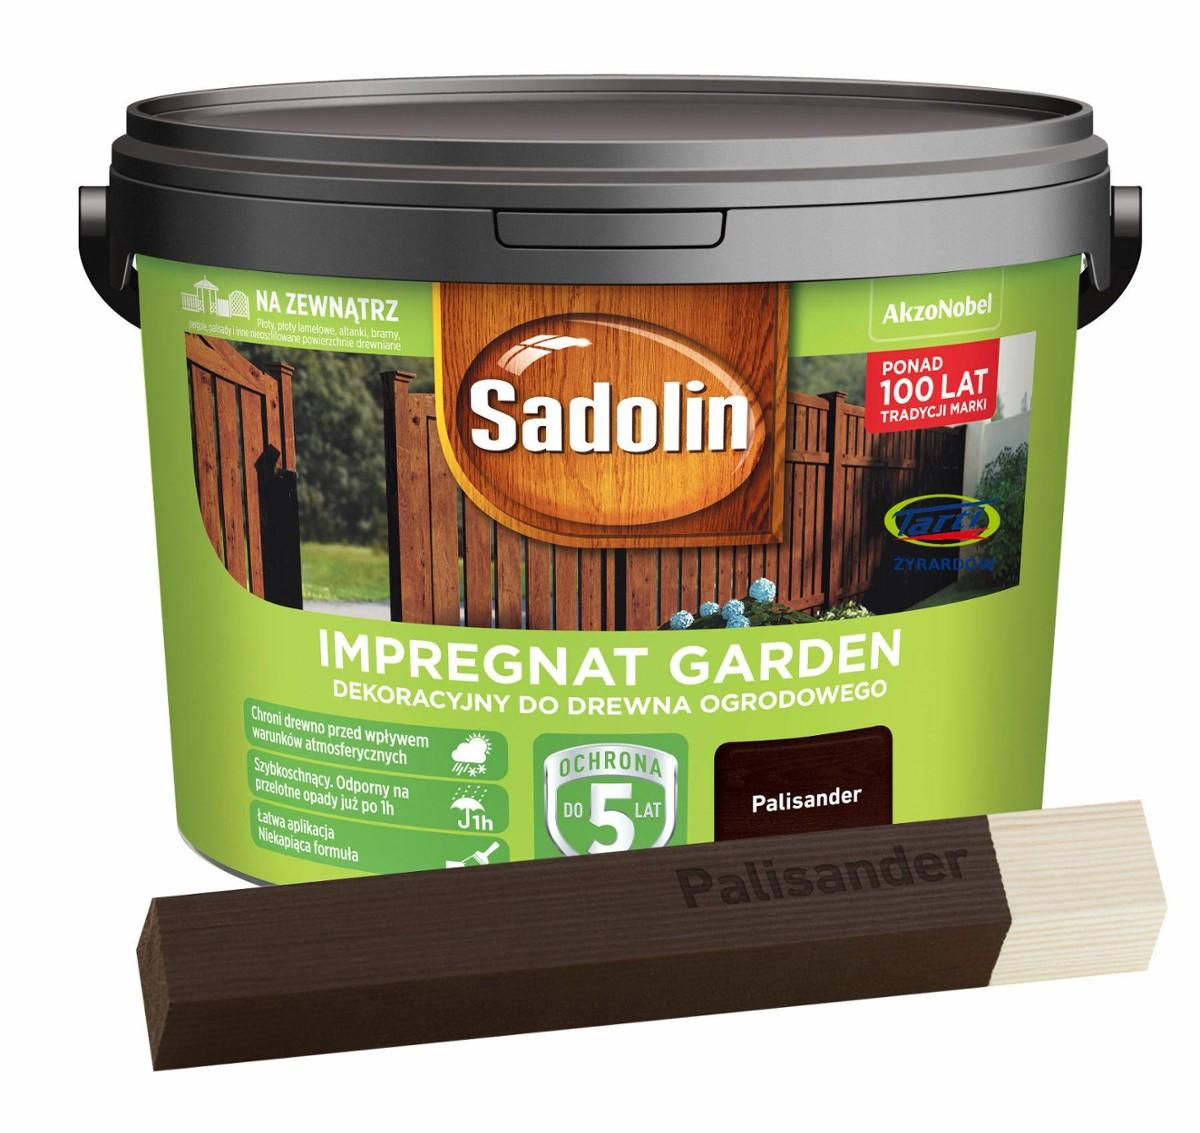 Sadolin Garden Impregnat Dekoracyjny Do Drewna Ogrodowego 9l Palisander